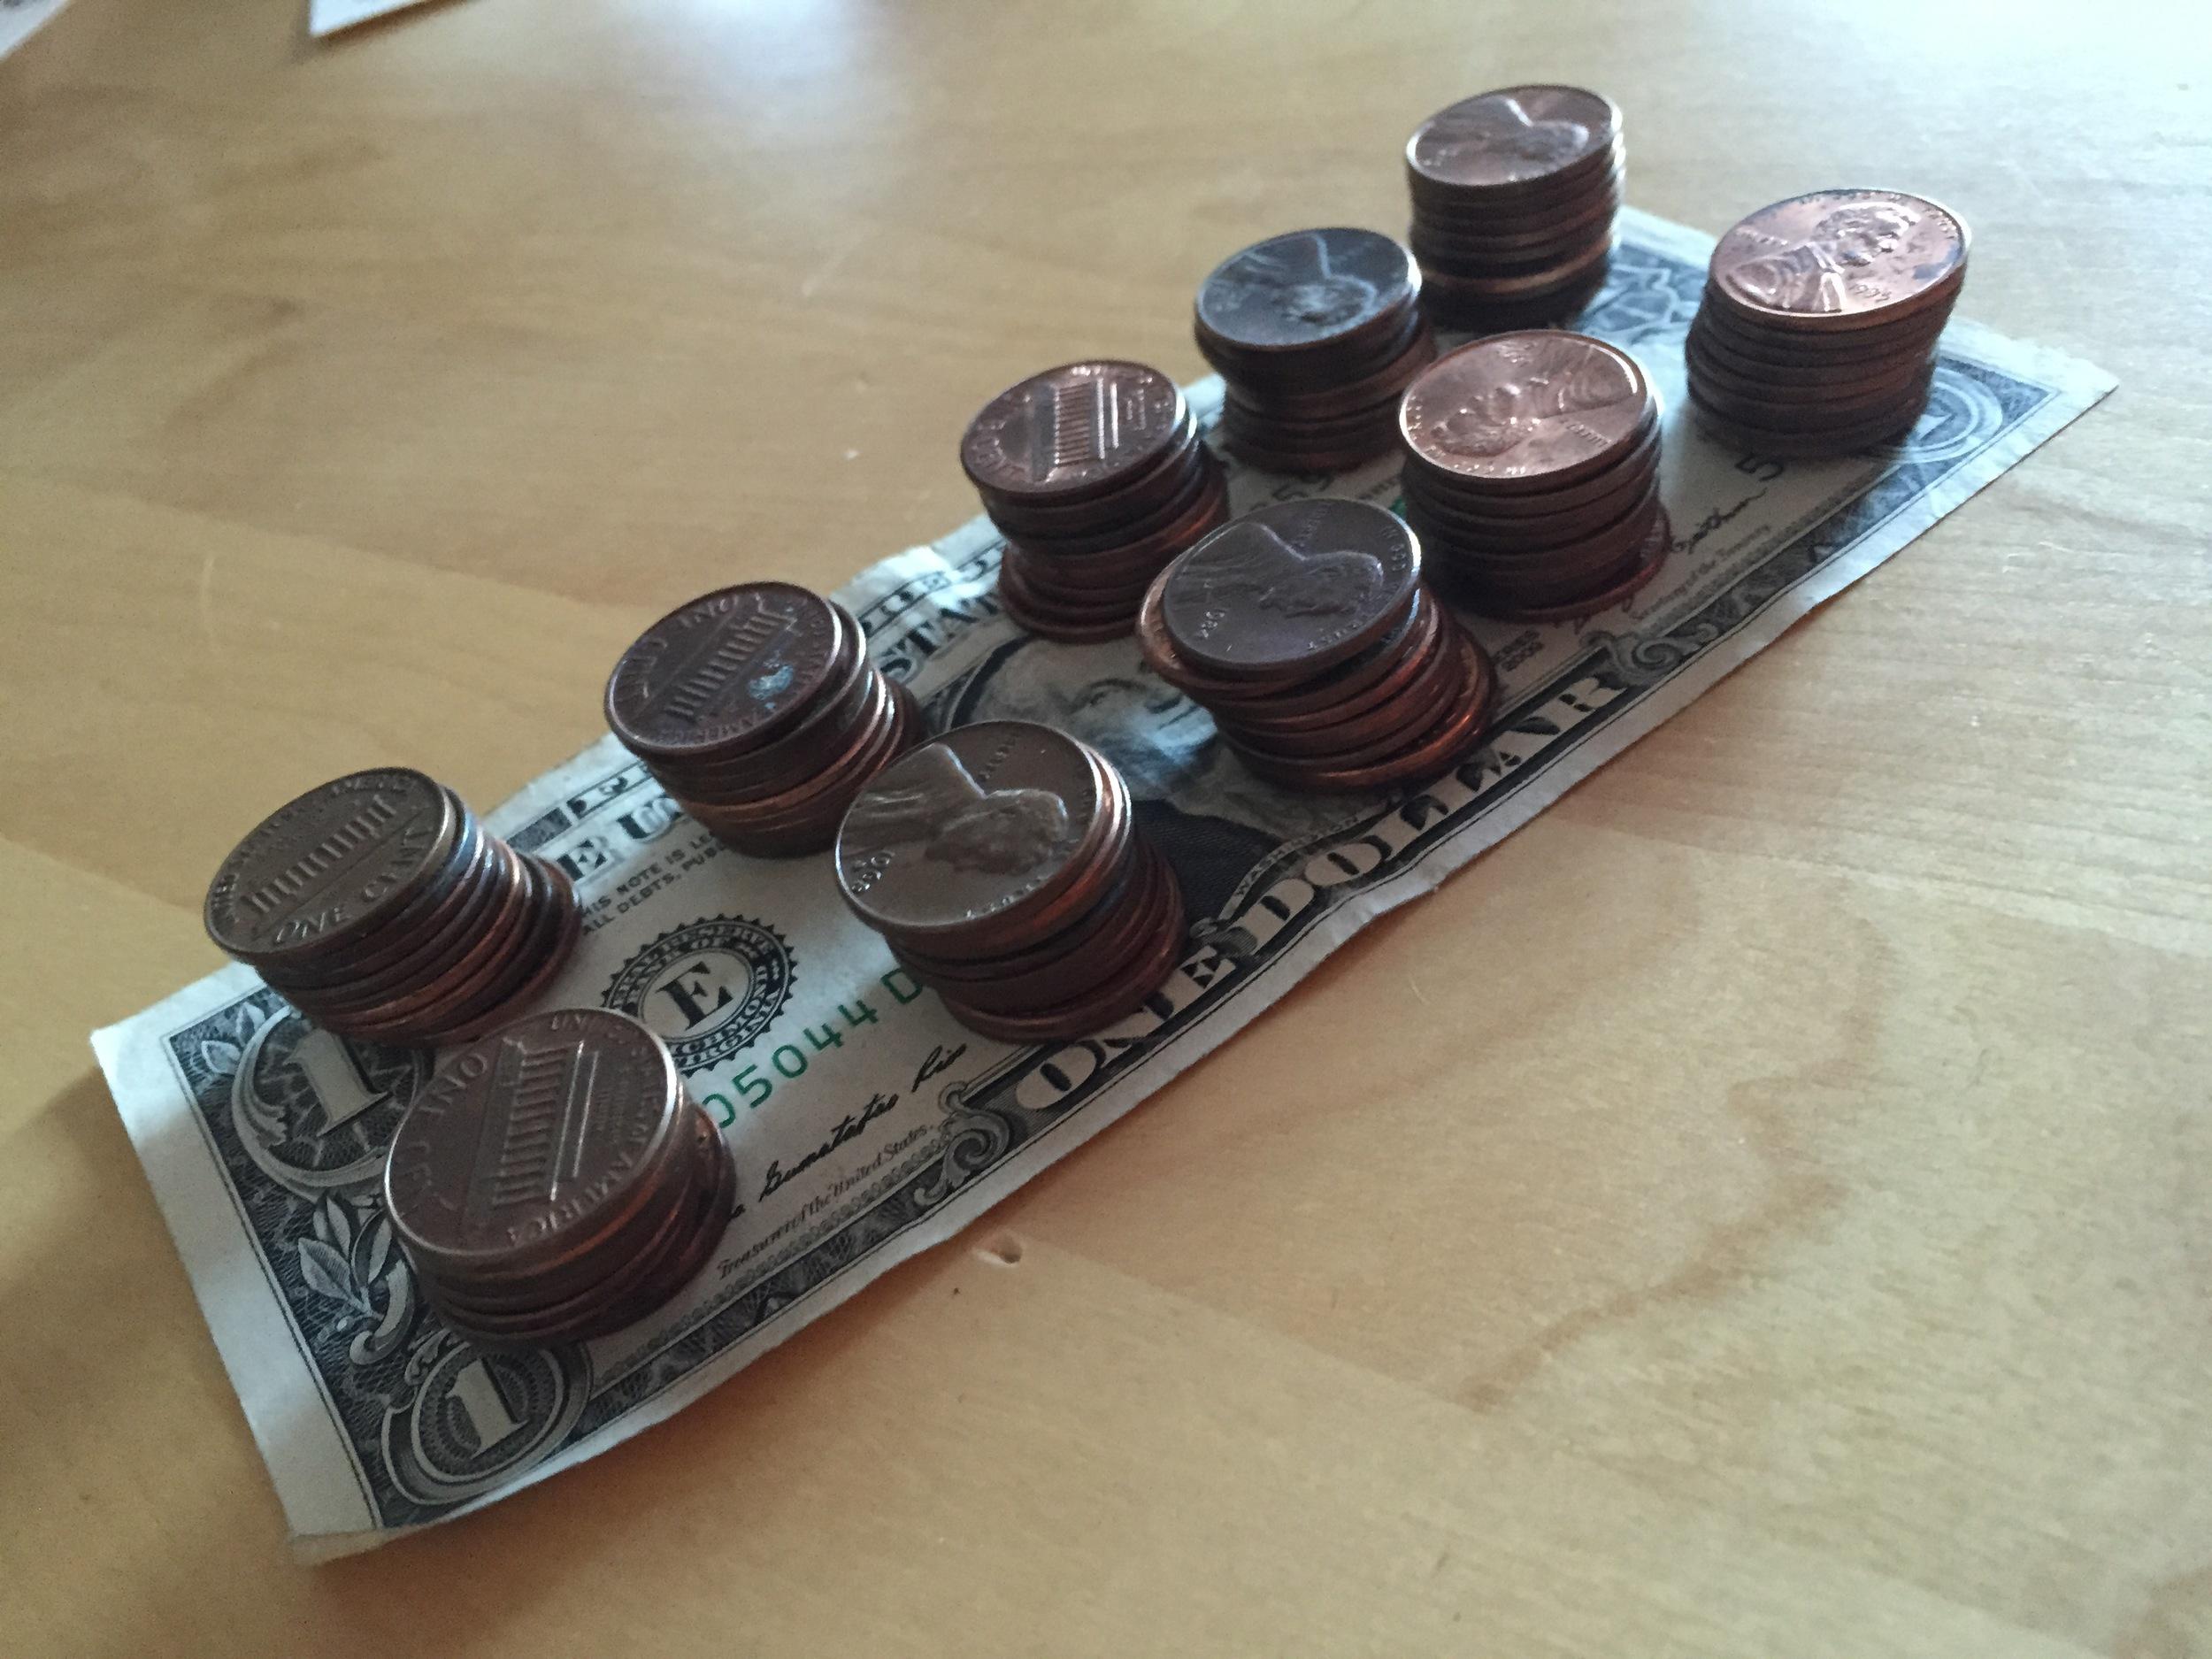 Ten Stacks of Ten Pennies = $1.00